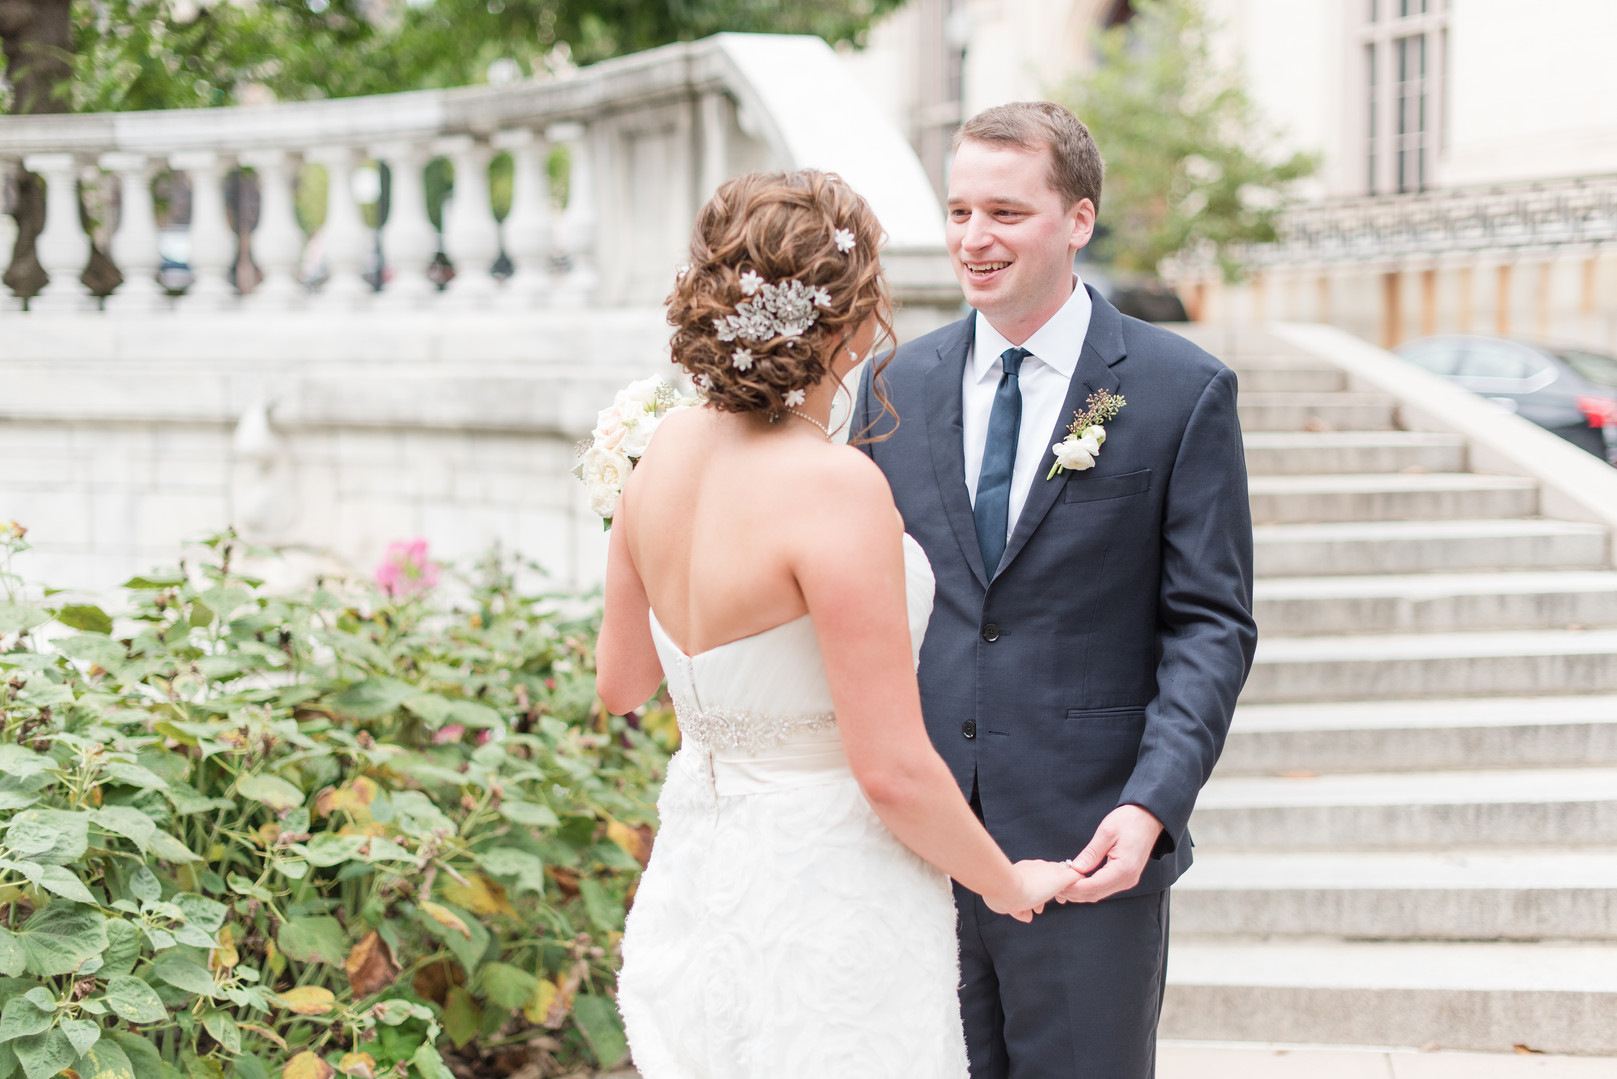 Maryland-Club-Summer-Wedding-Bright-and-